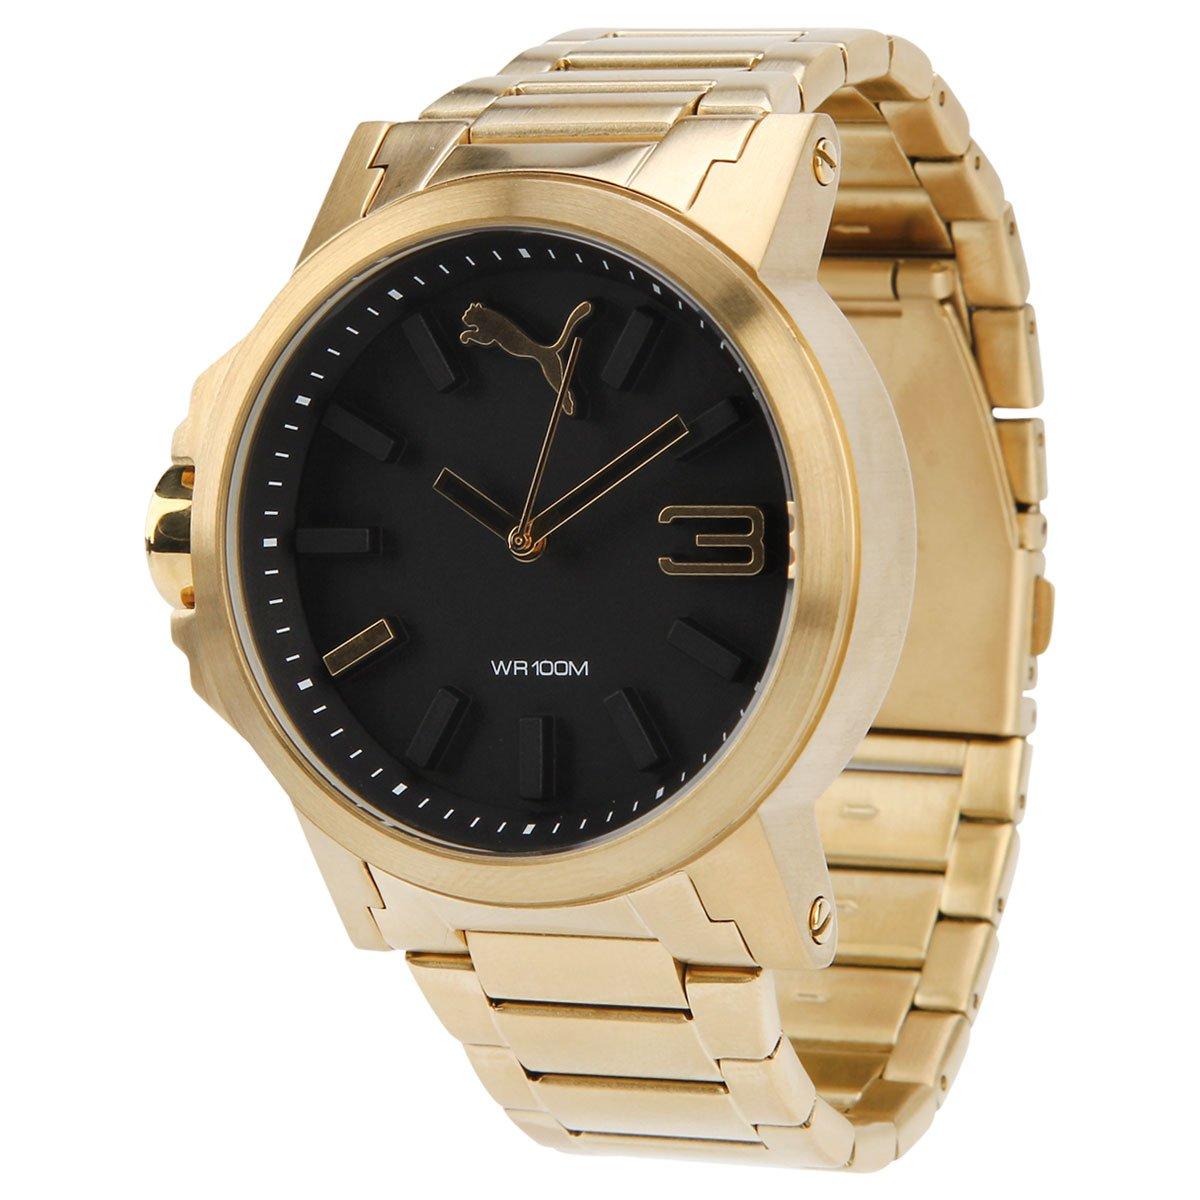 ebbd90e1321 Relógio puma ultrasize metal compre agora netshoes jpg 1200x1200 Dourado  relogio puma